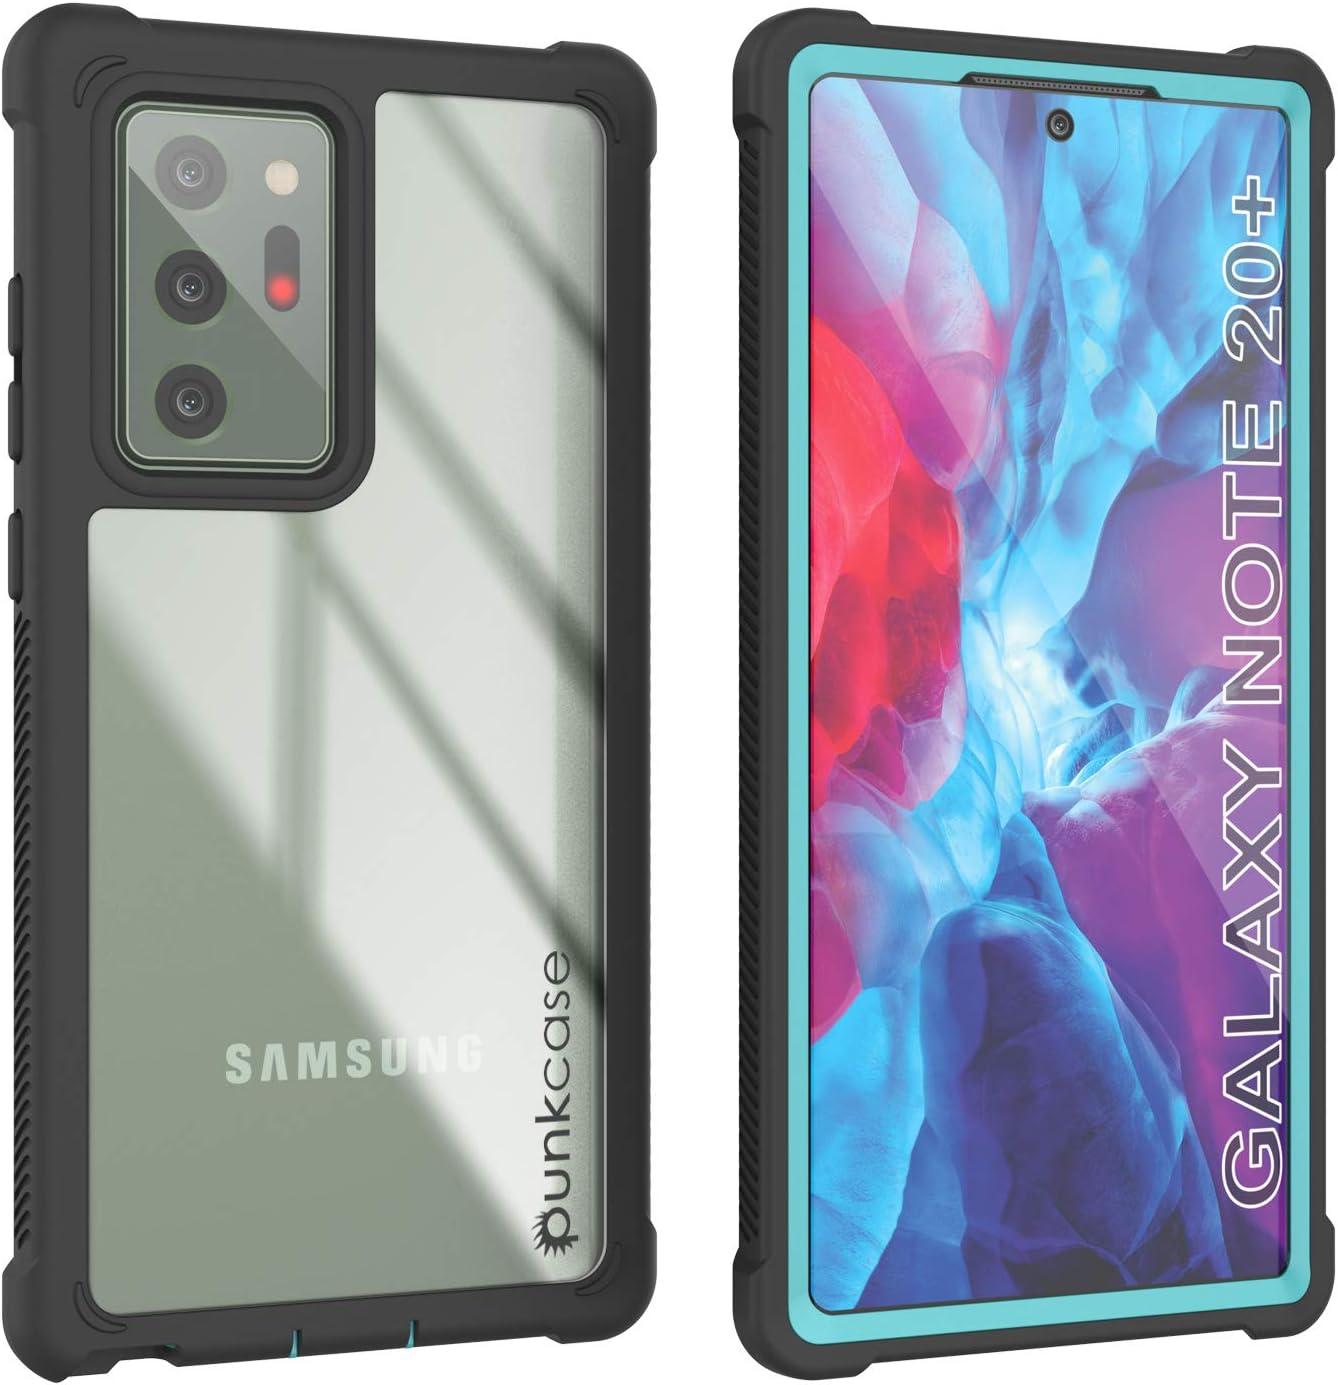 Punkcase Galaxy Note 20 Ultra Hülle Klare Robuste Elektronik